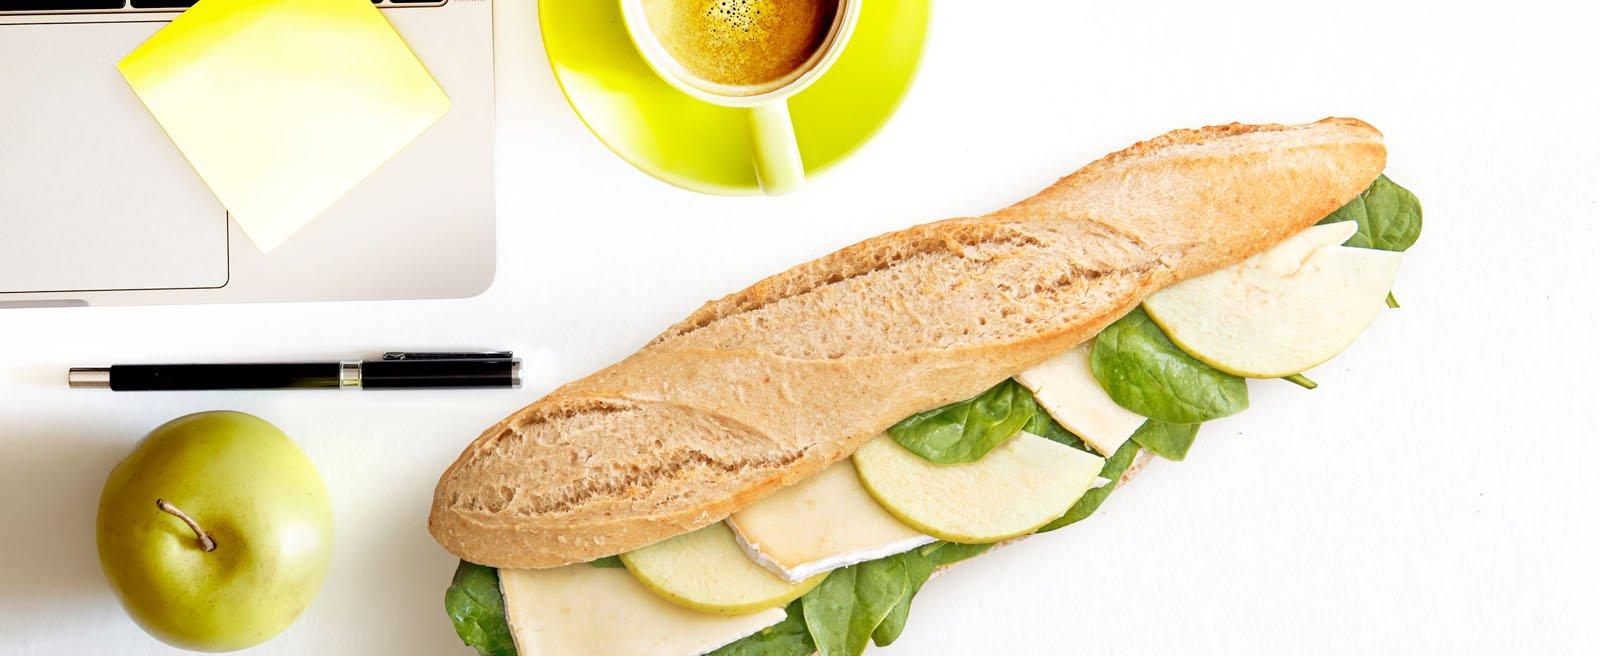 La Croissanterie - L'Usine Mode & Maison